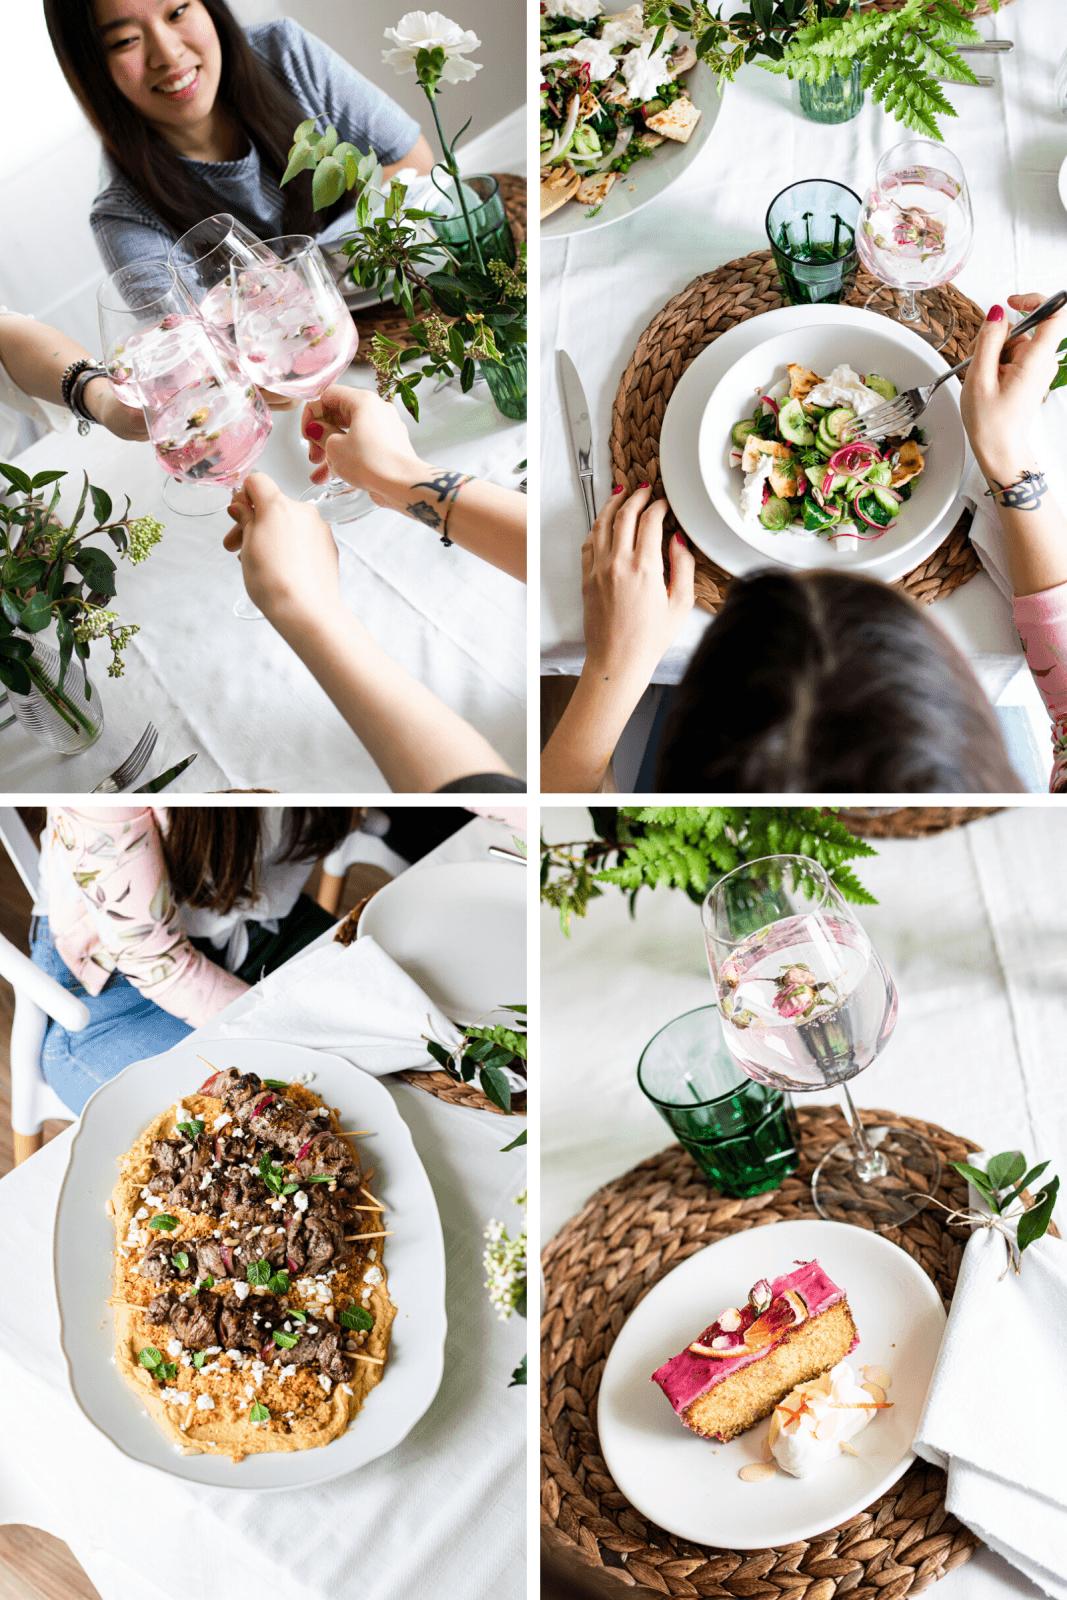 menù mediorientale primaverile a quattro portate per la festa della donna